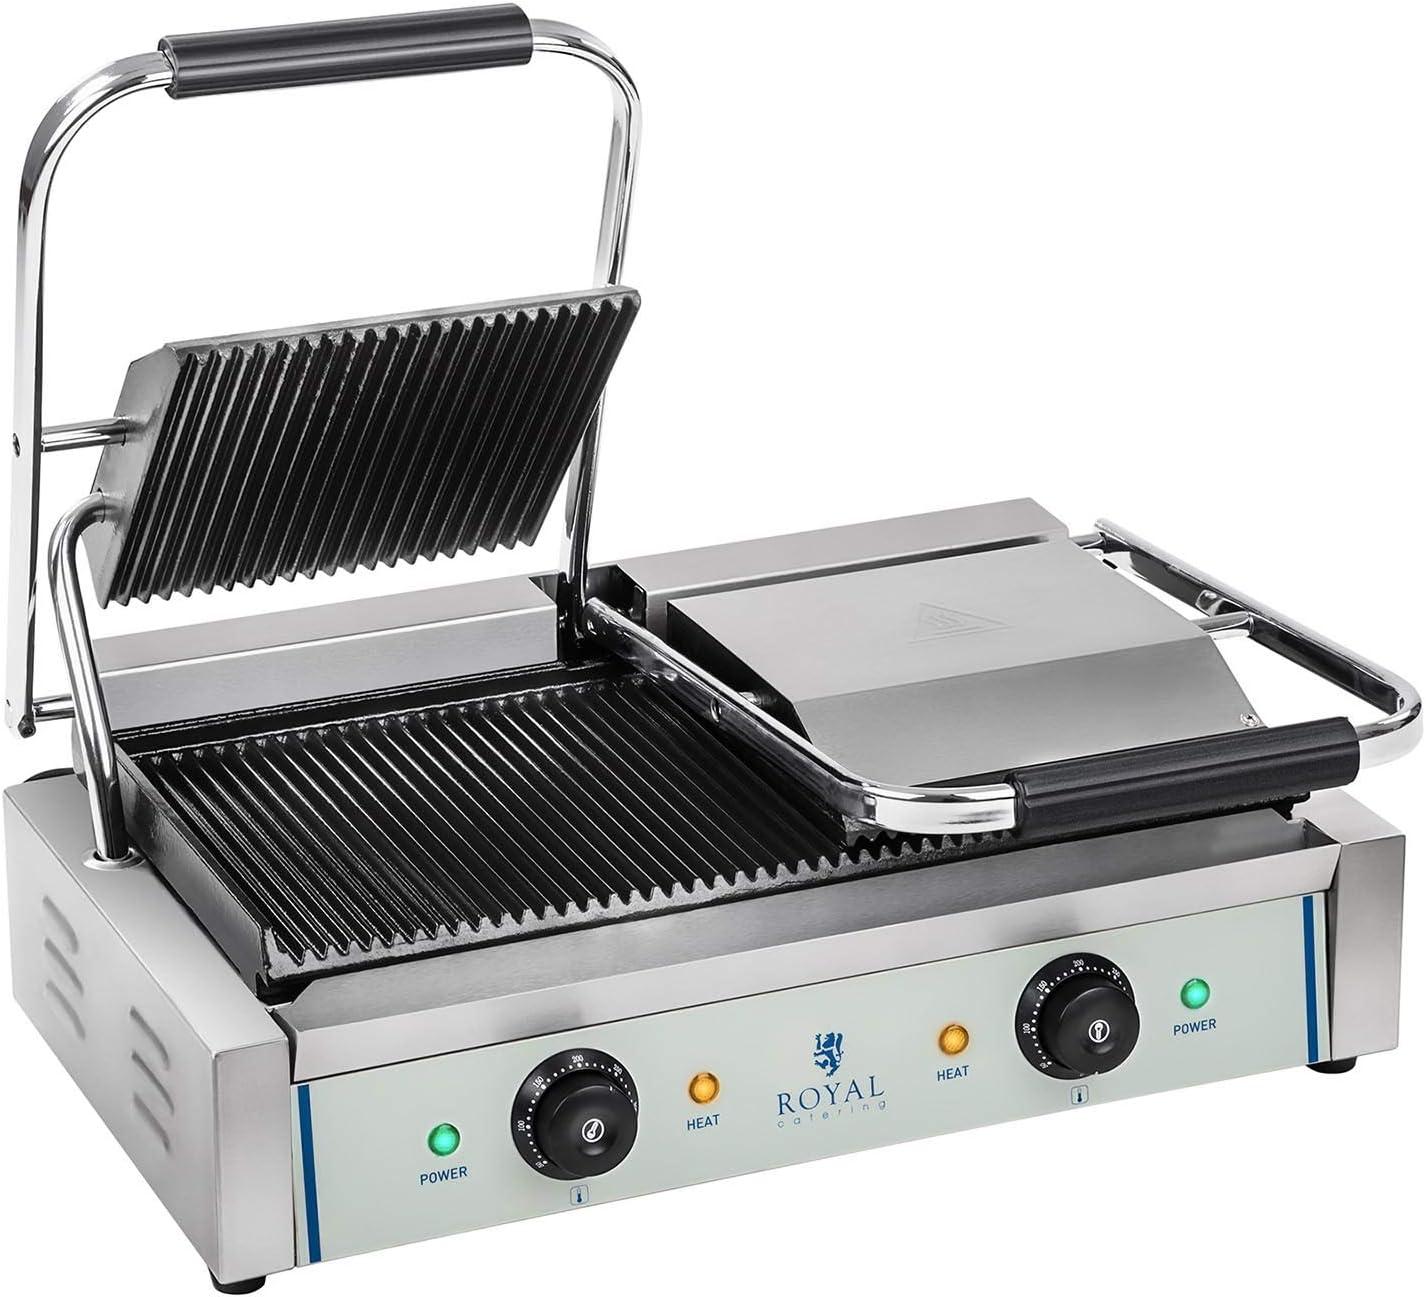 Royal Catering Plancha Grill Doble Salamandra Para Hostelería RCKG-3600-G (Superficie Ondulada,Temperatura Funcionamiento: 50-300 °C, 2 x 1.800 W)